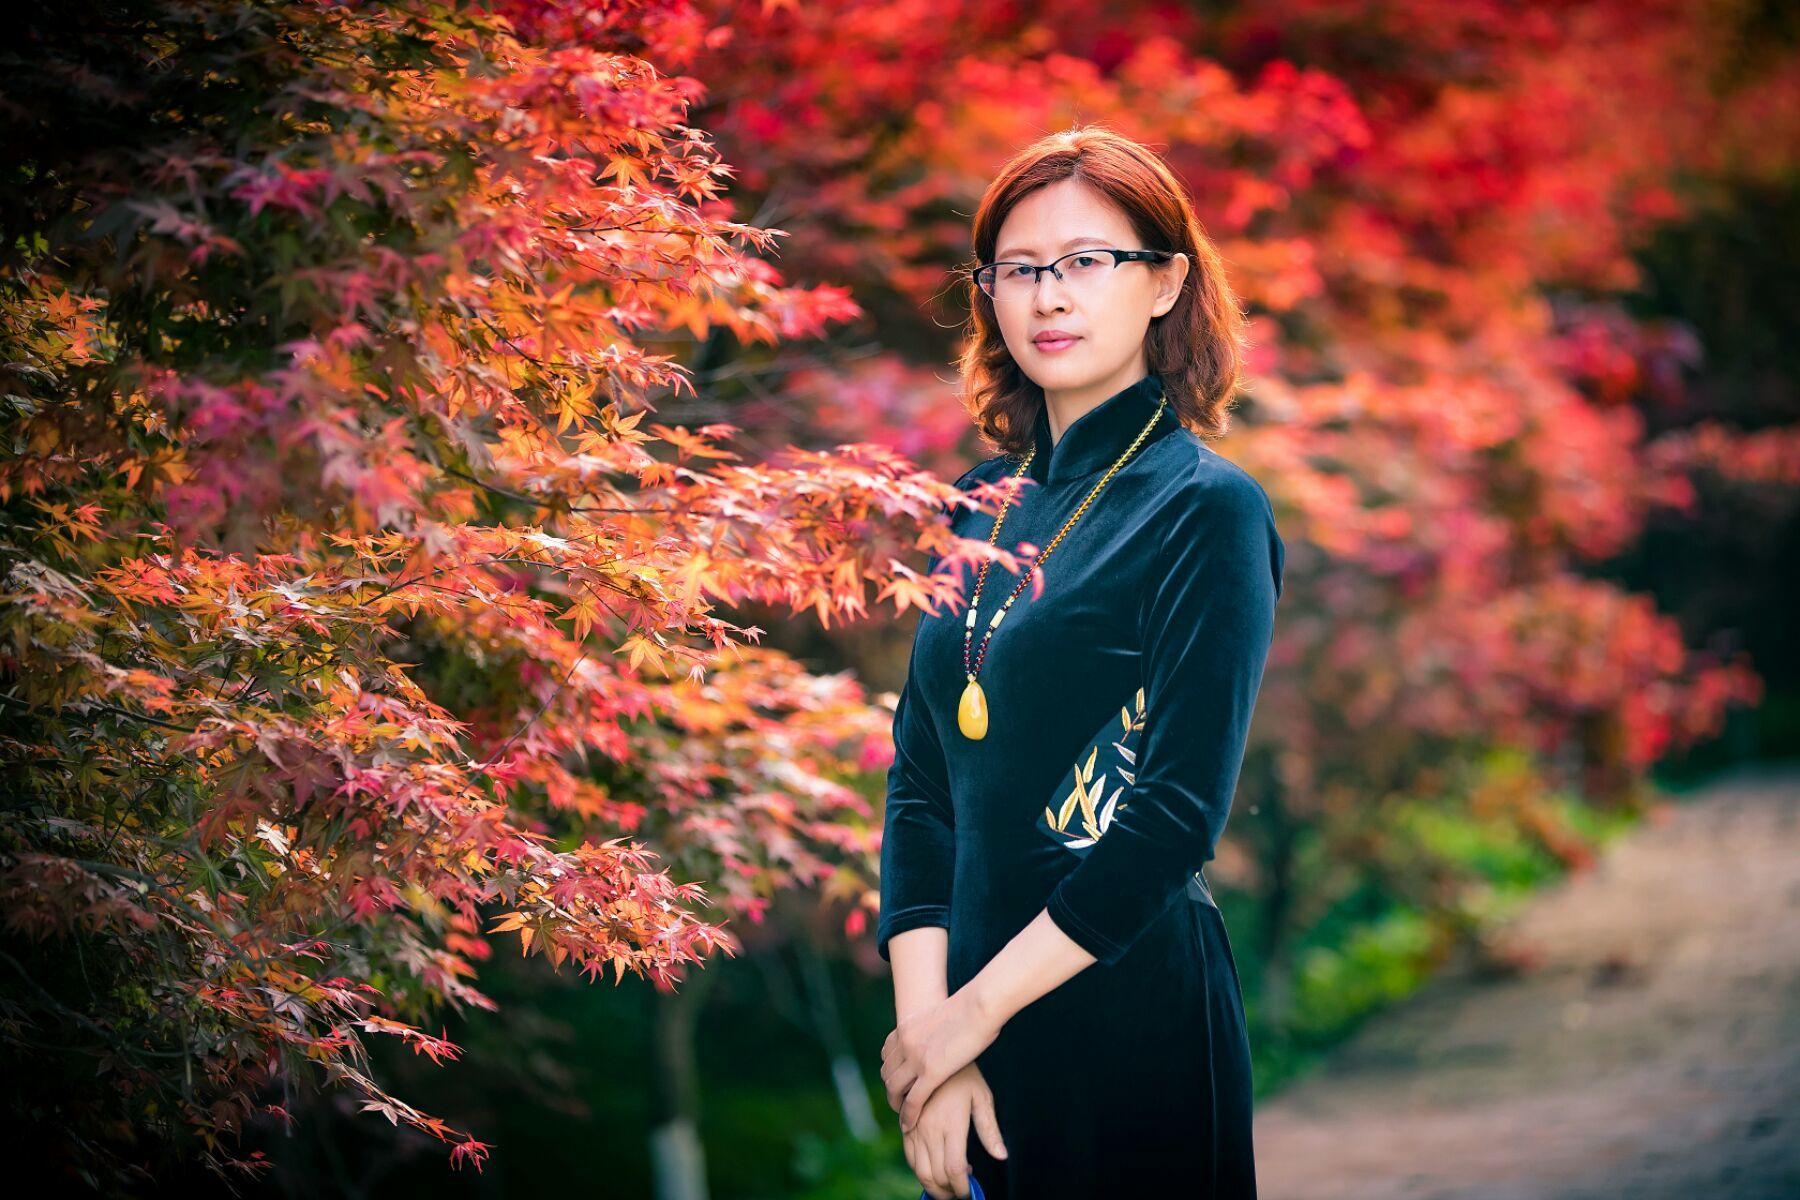 四月枫叶红胜花